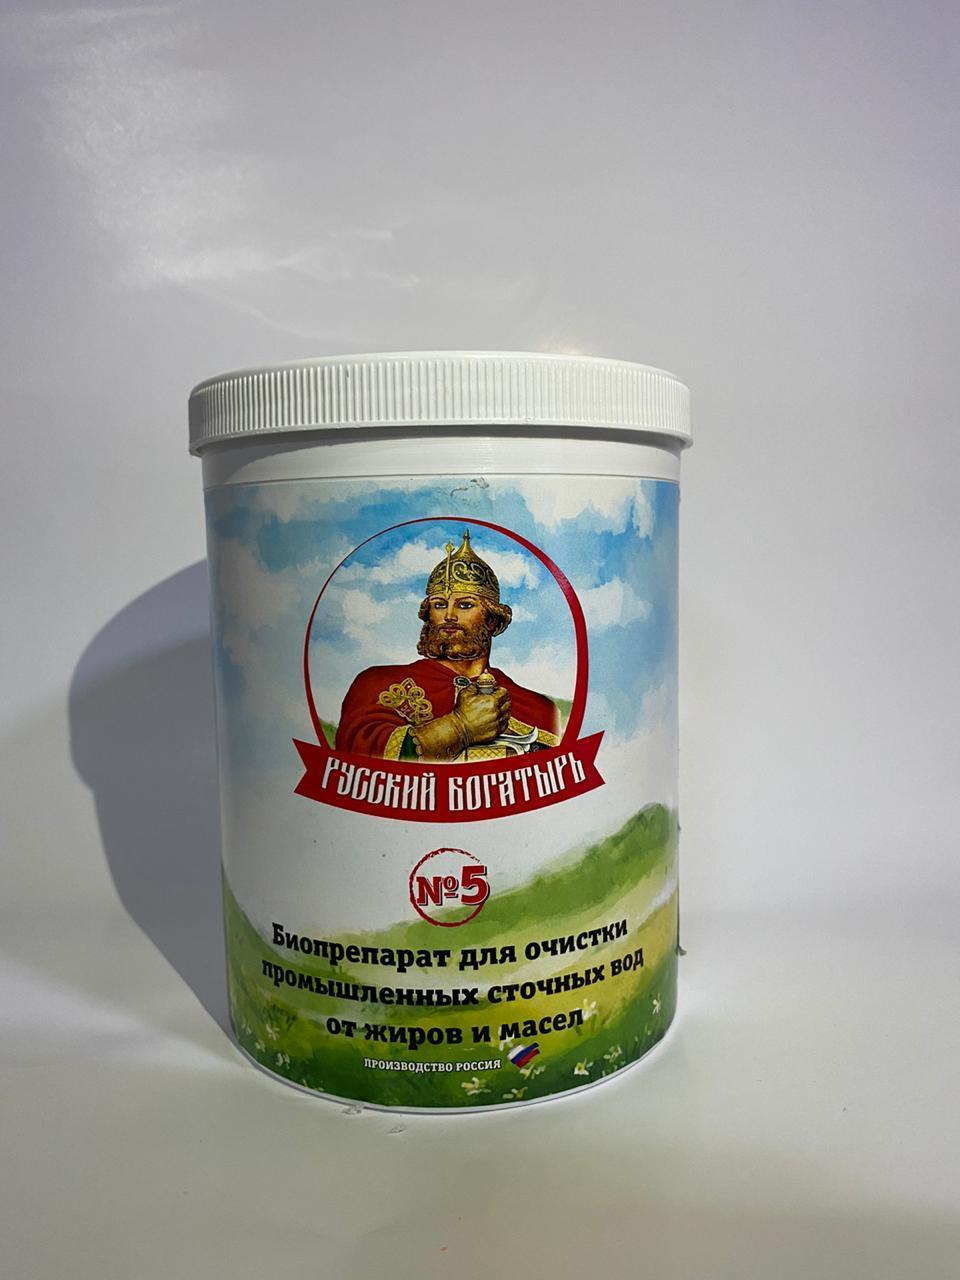 Для разложения жиров,масел,органики в сточных водах Русский богатырь №5 1 кг